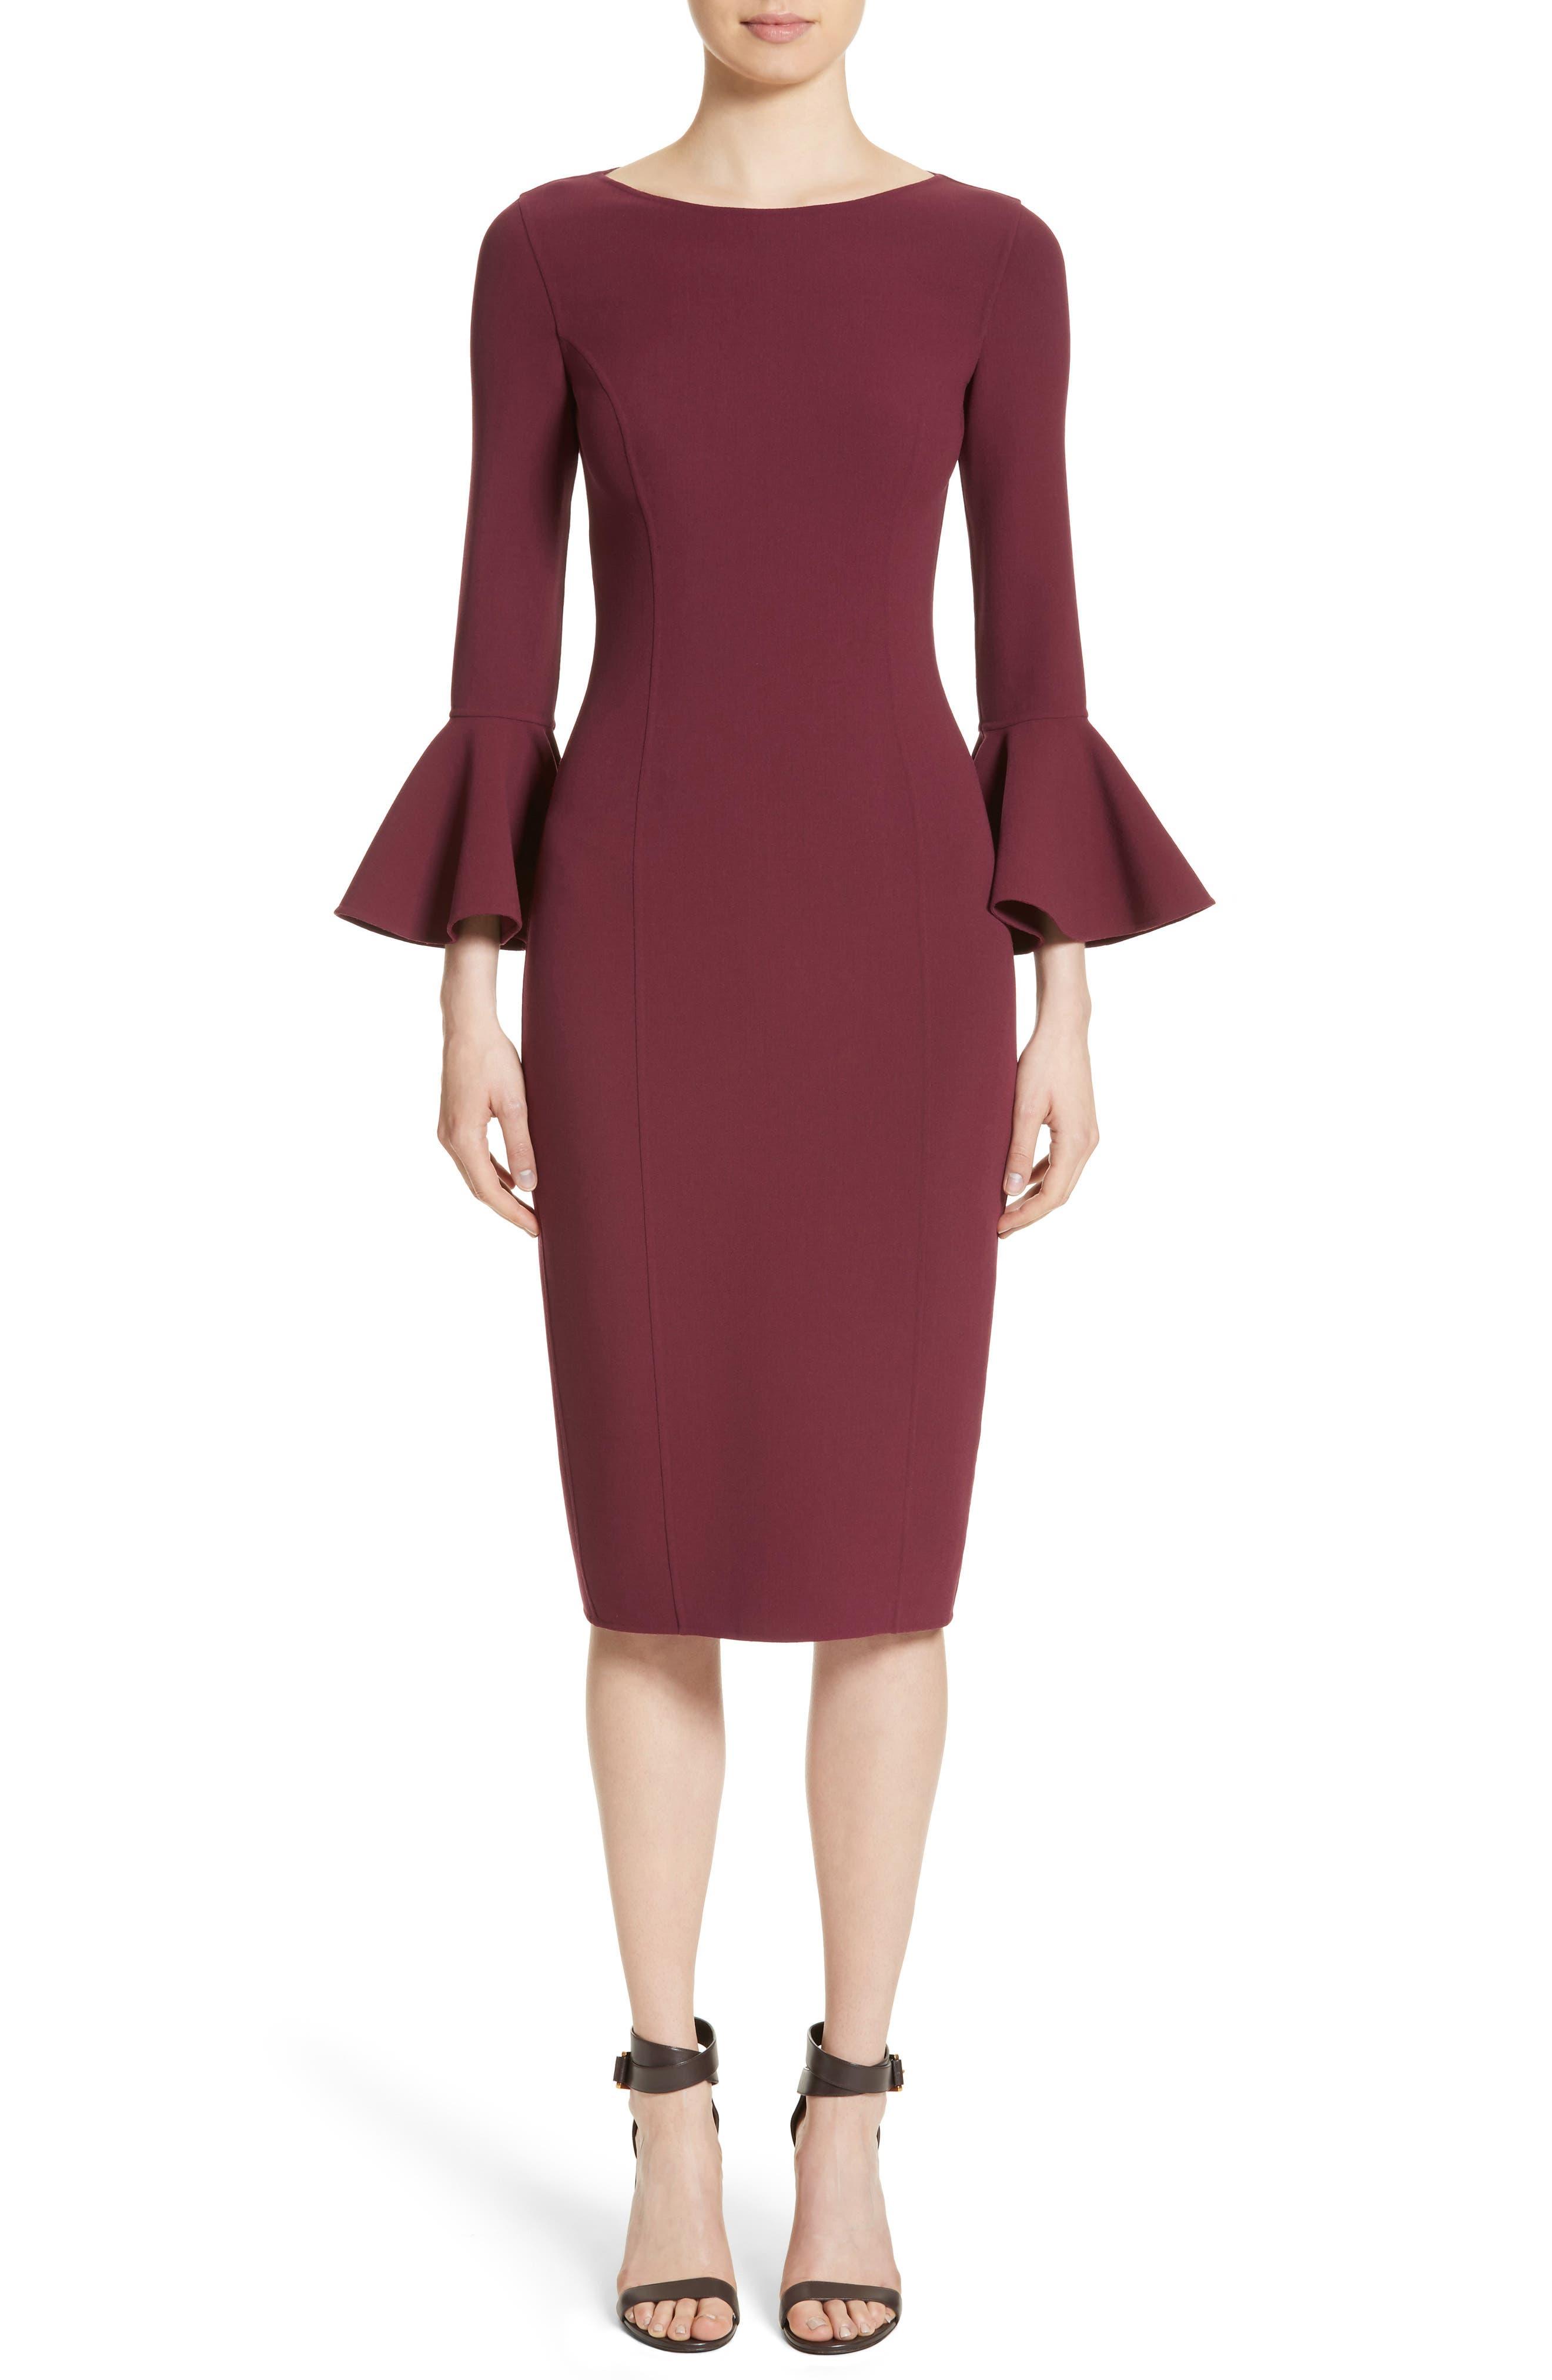 Bell Cuff Sheath Dress,                             Main thumbnail 1, color,                             Merlot